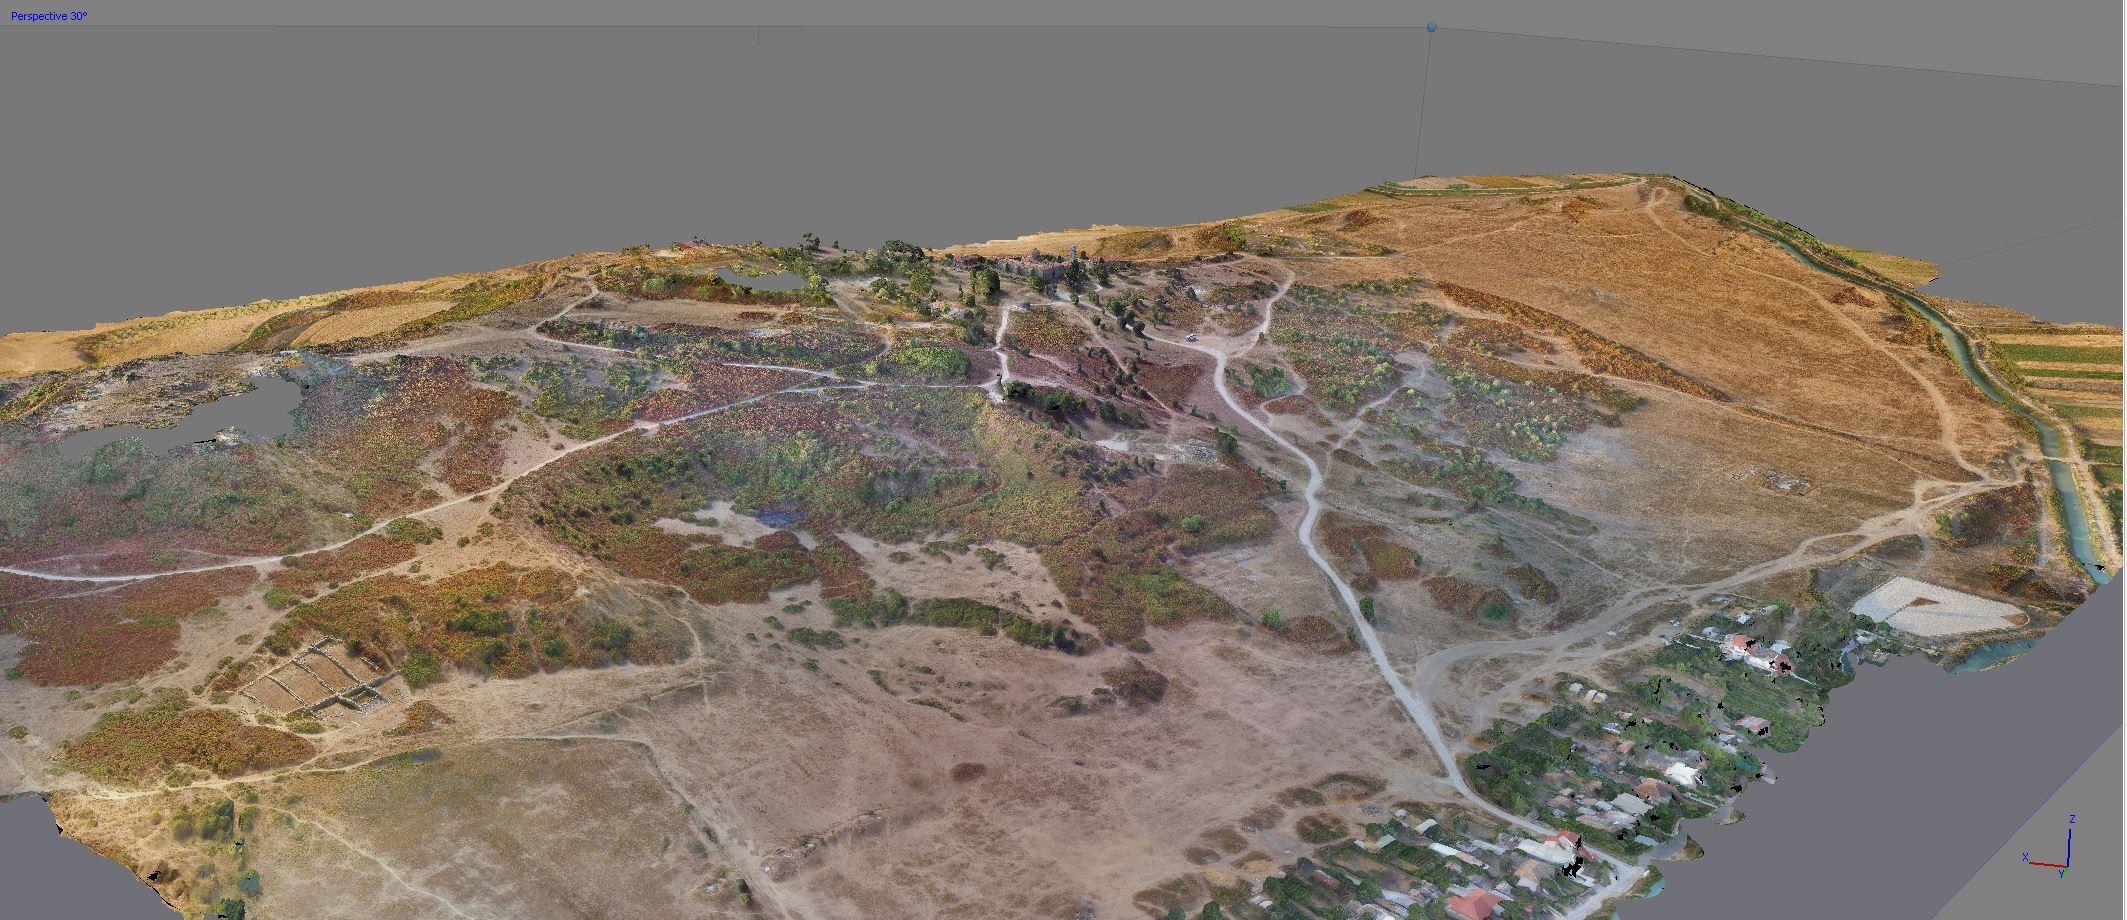 Capture du modèle 3D général du site (Jean-Baptiste Houal, AOrOc)